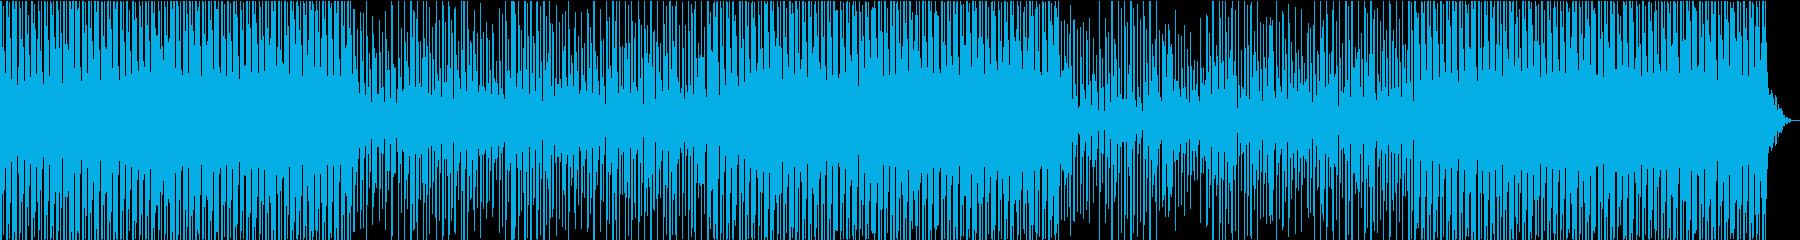 レイヴダンスフロアに向けた、楽しく...の再生済みの波形